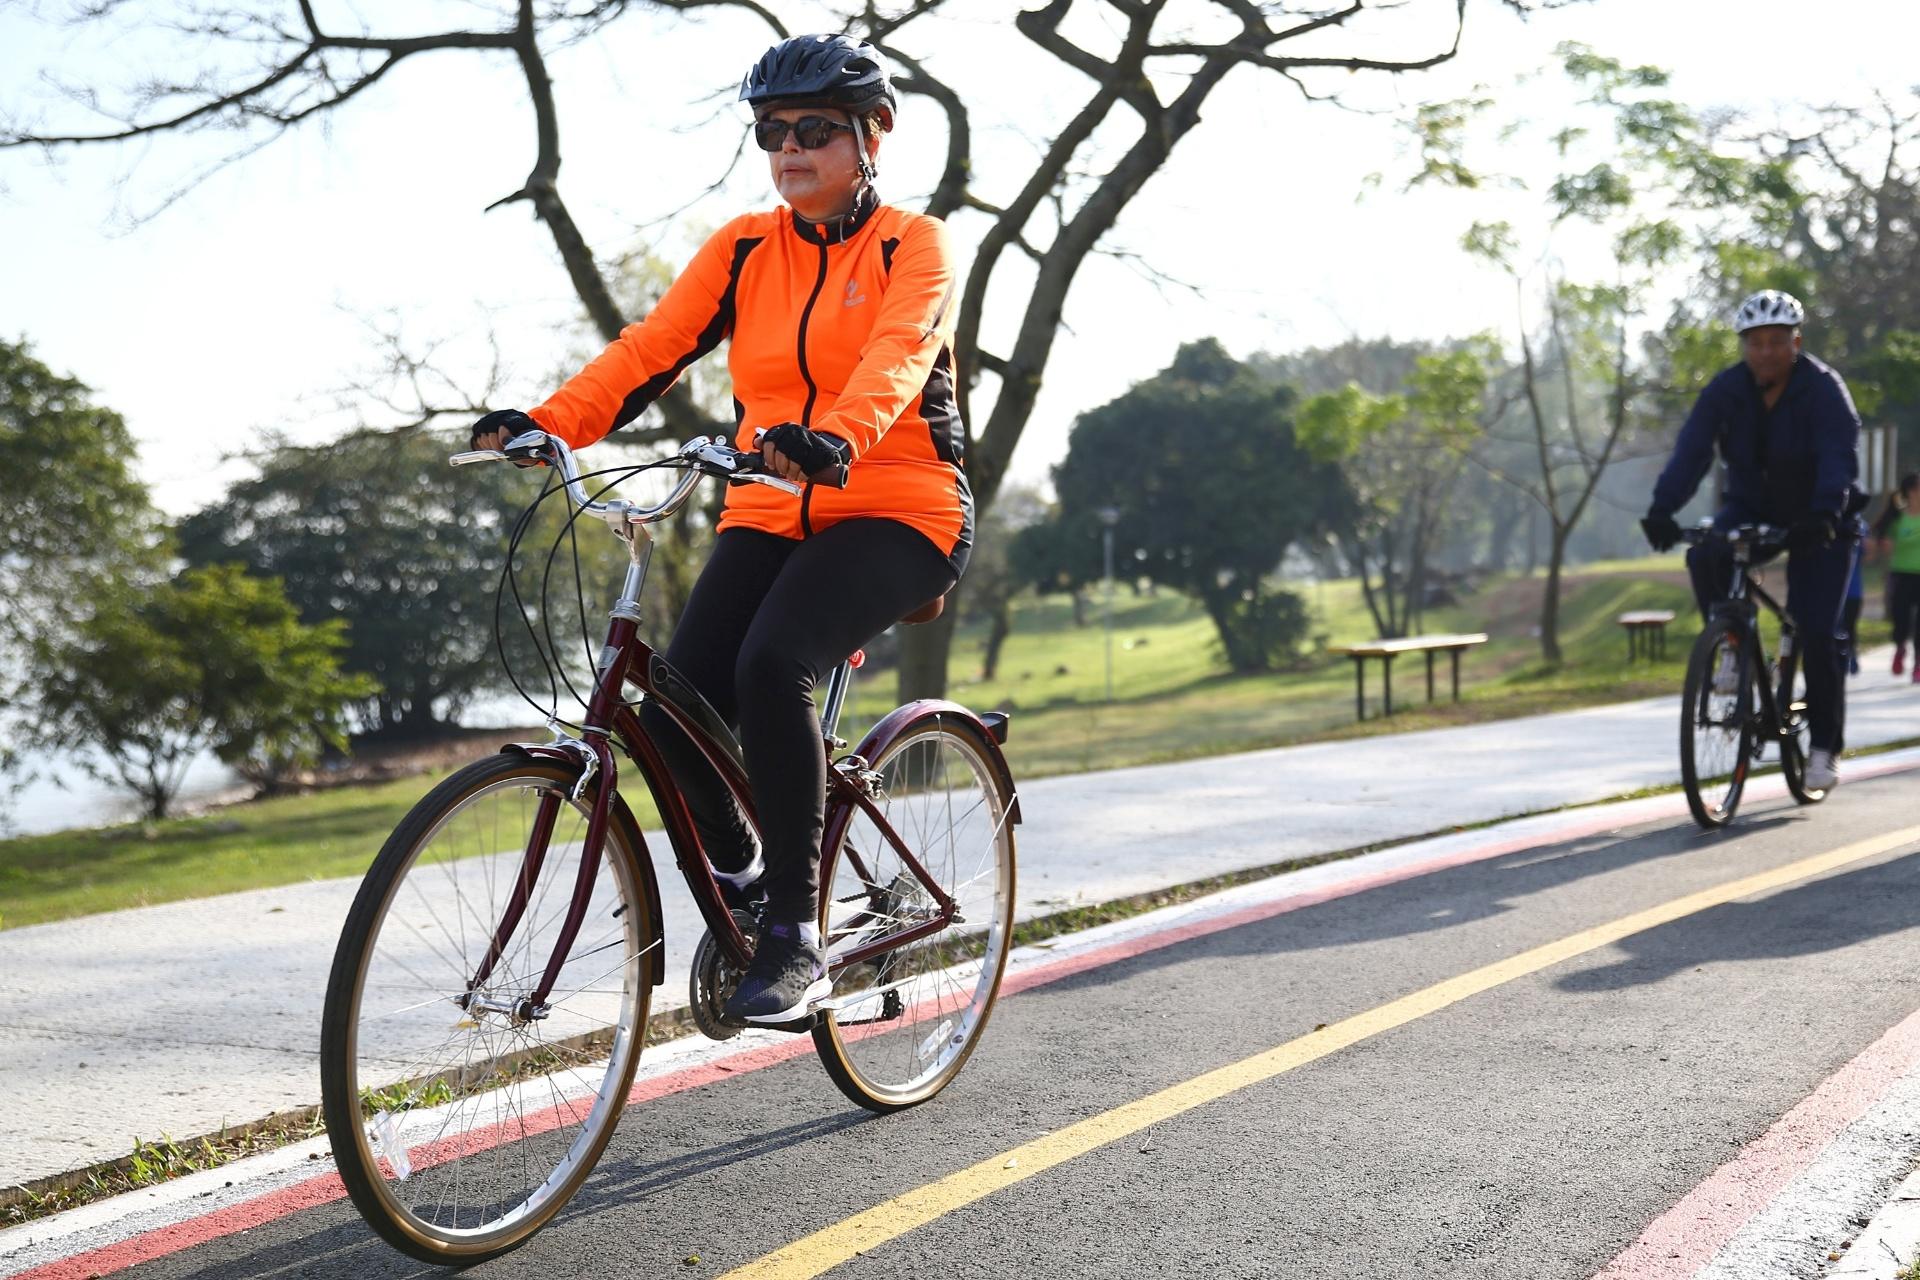 31.jul.2016 - A presidente afastada Dilma Rousseff, acompanhada de seguranças, andou de bicicleta mais uma vez em Porto Alegre (RS). Dilma passeou pela orla do Guaíba